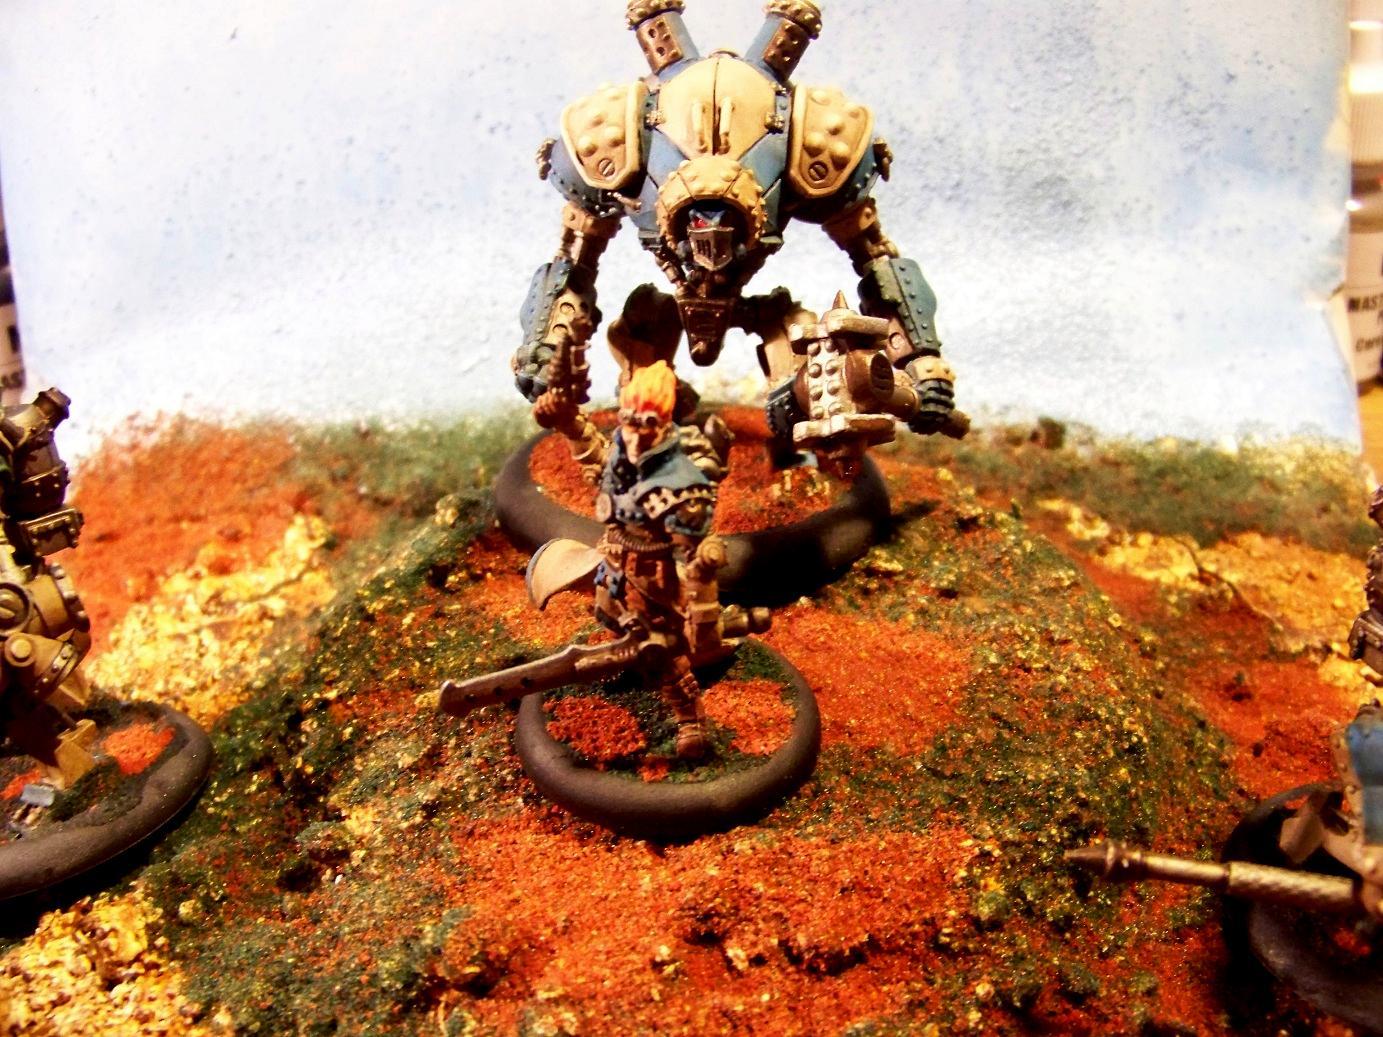 Cygnar, Warcaster, Warjack, Warmachine